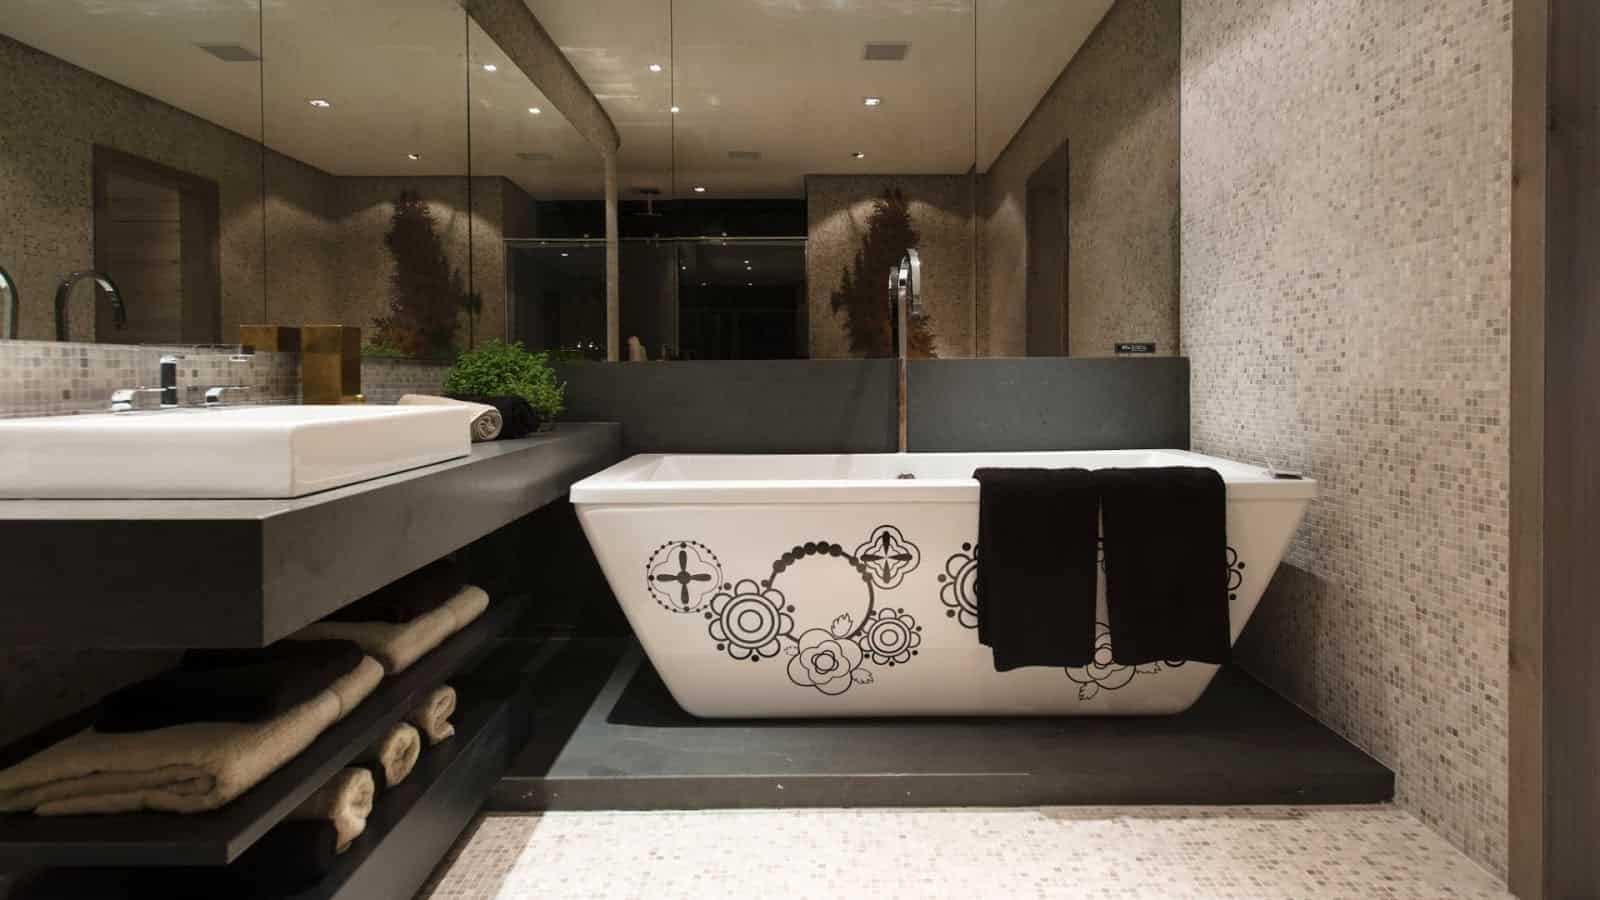 imagens de banheiros com pastilha de vidro Construção e Design #495924 1600 900